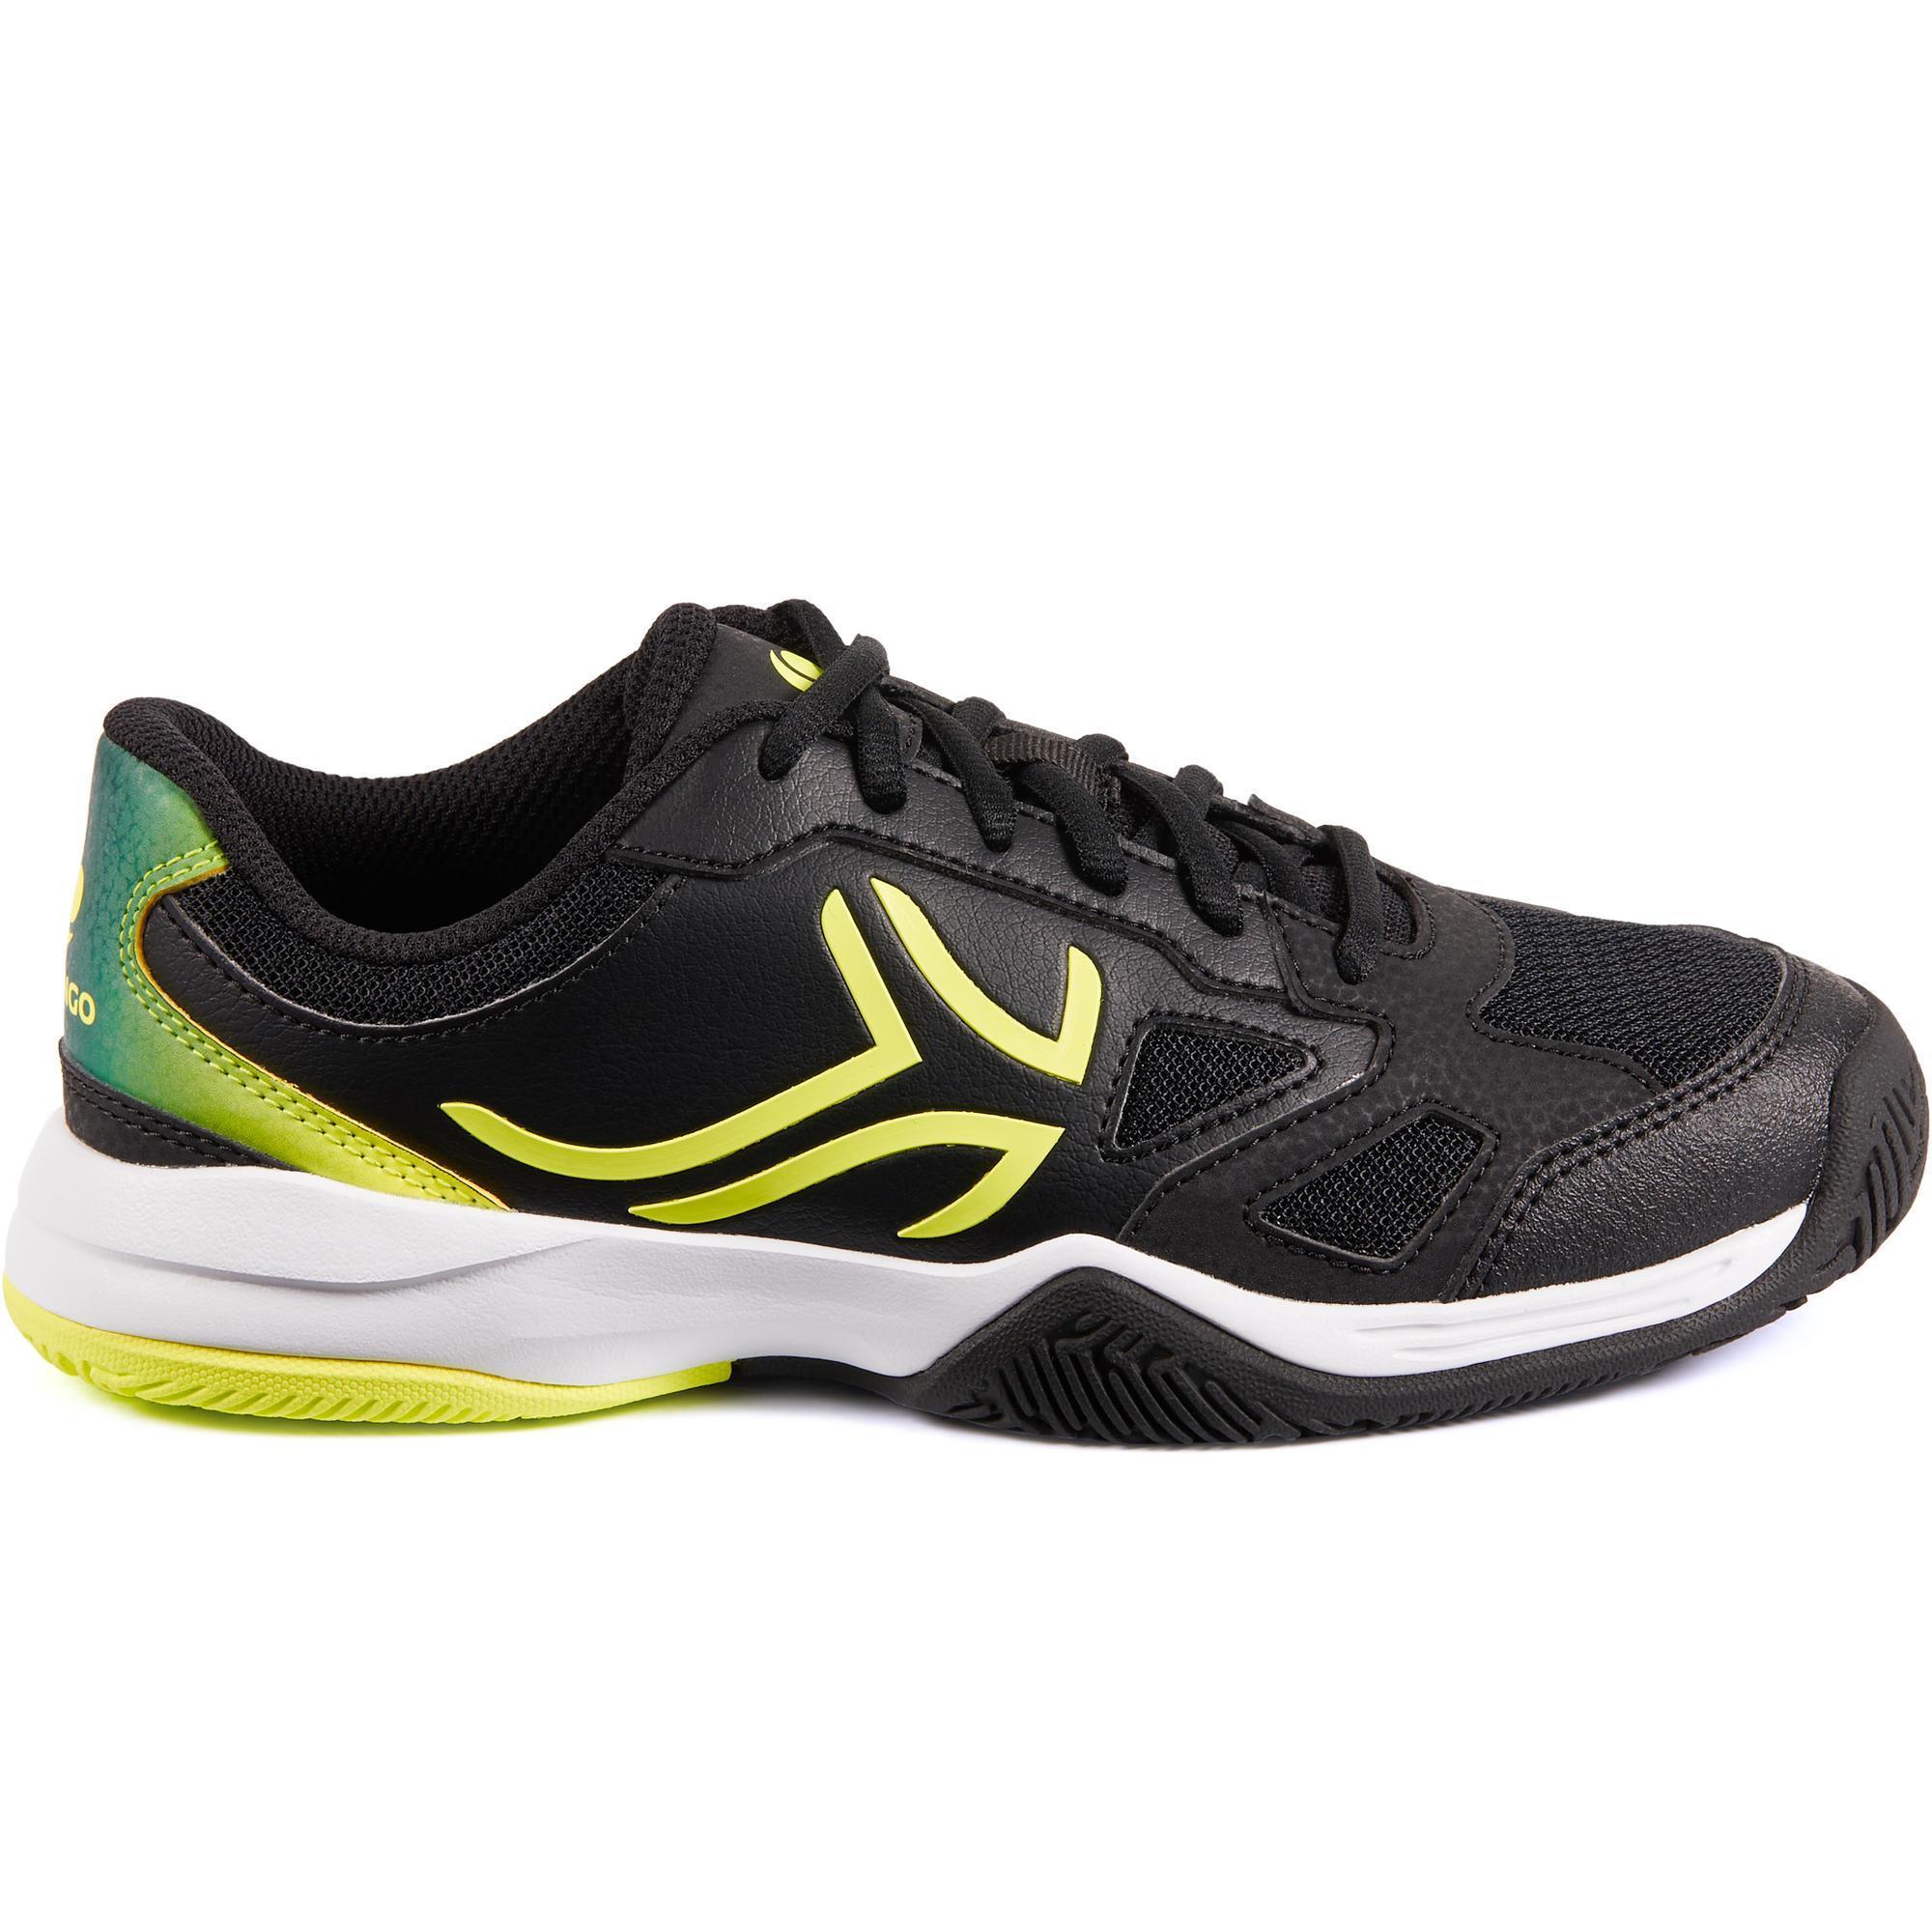 Artengo Tennisschoenen voor jongeren Artengo TS560 zwart/geel